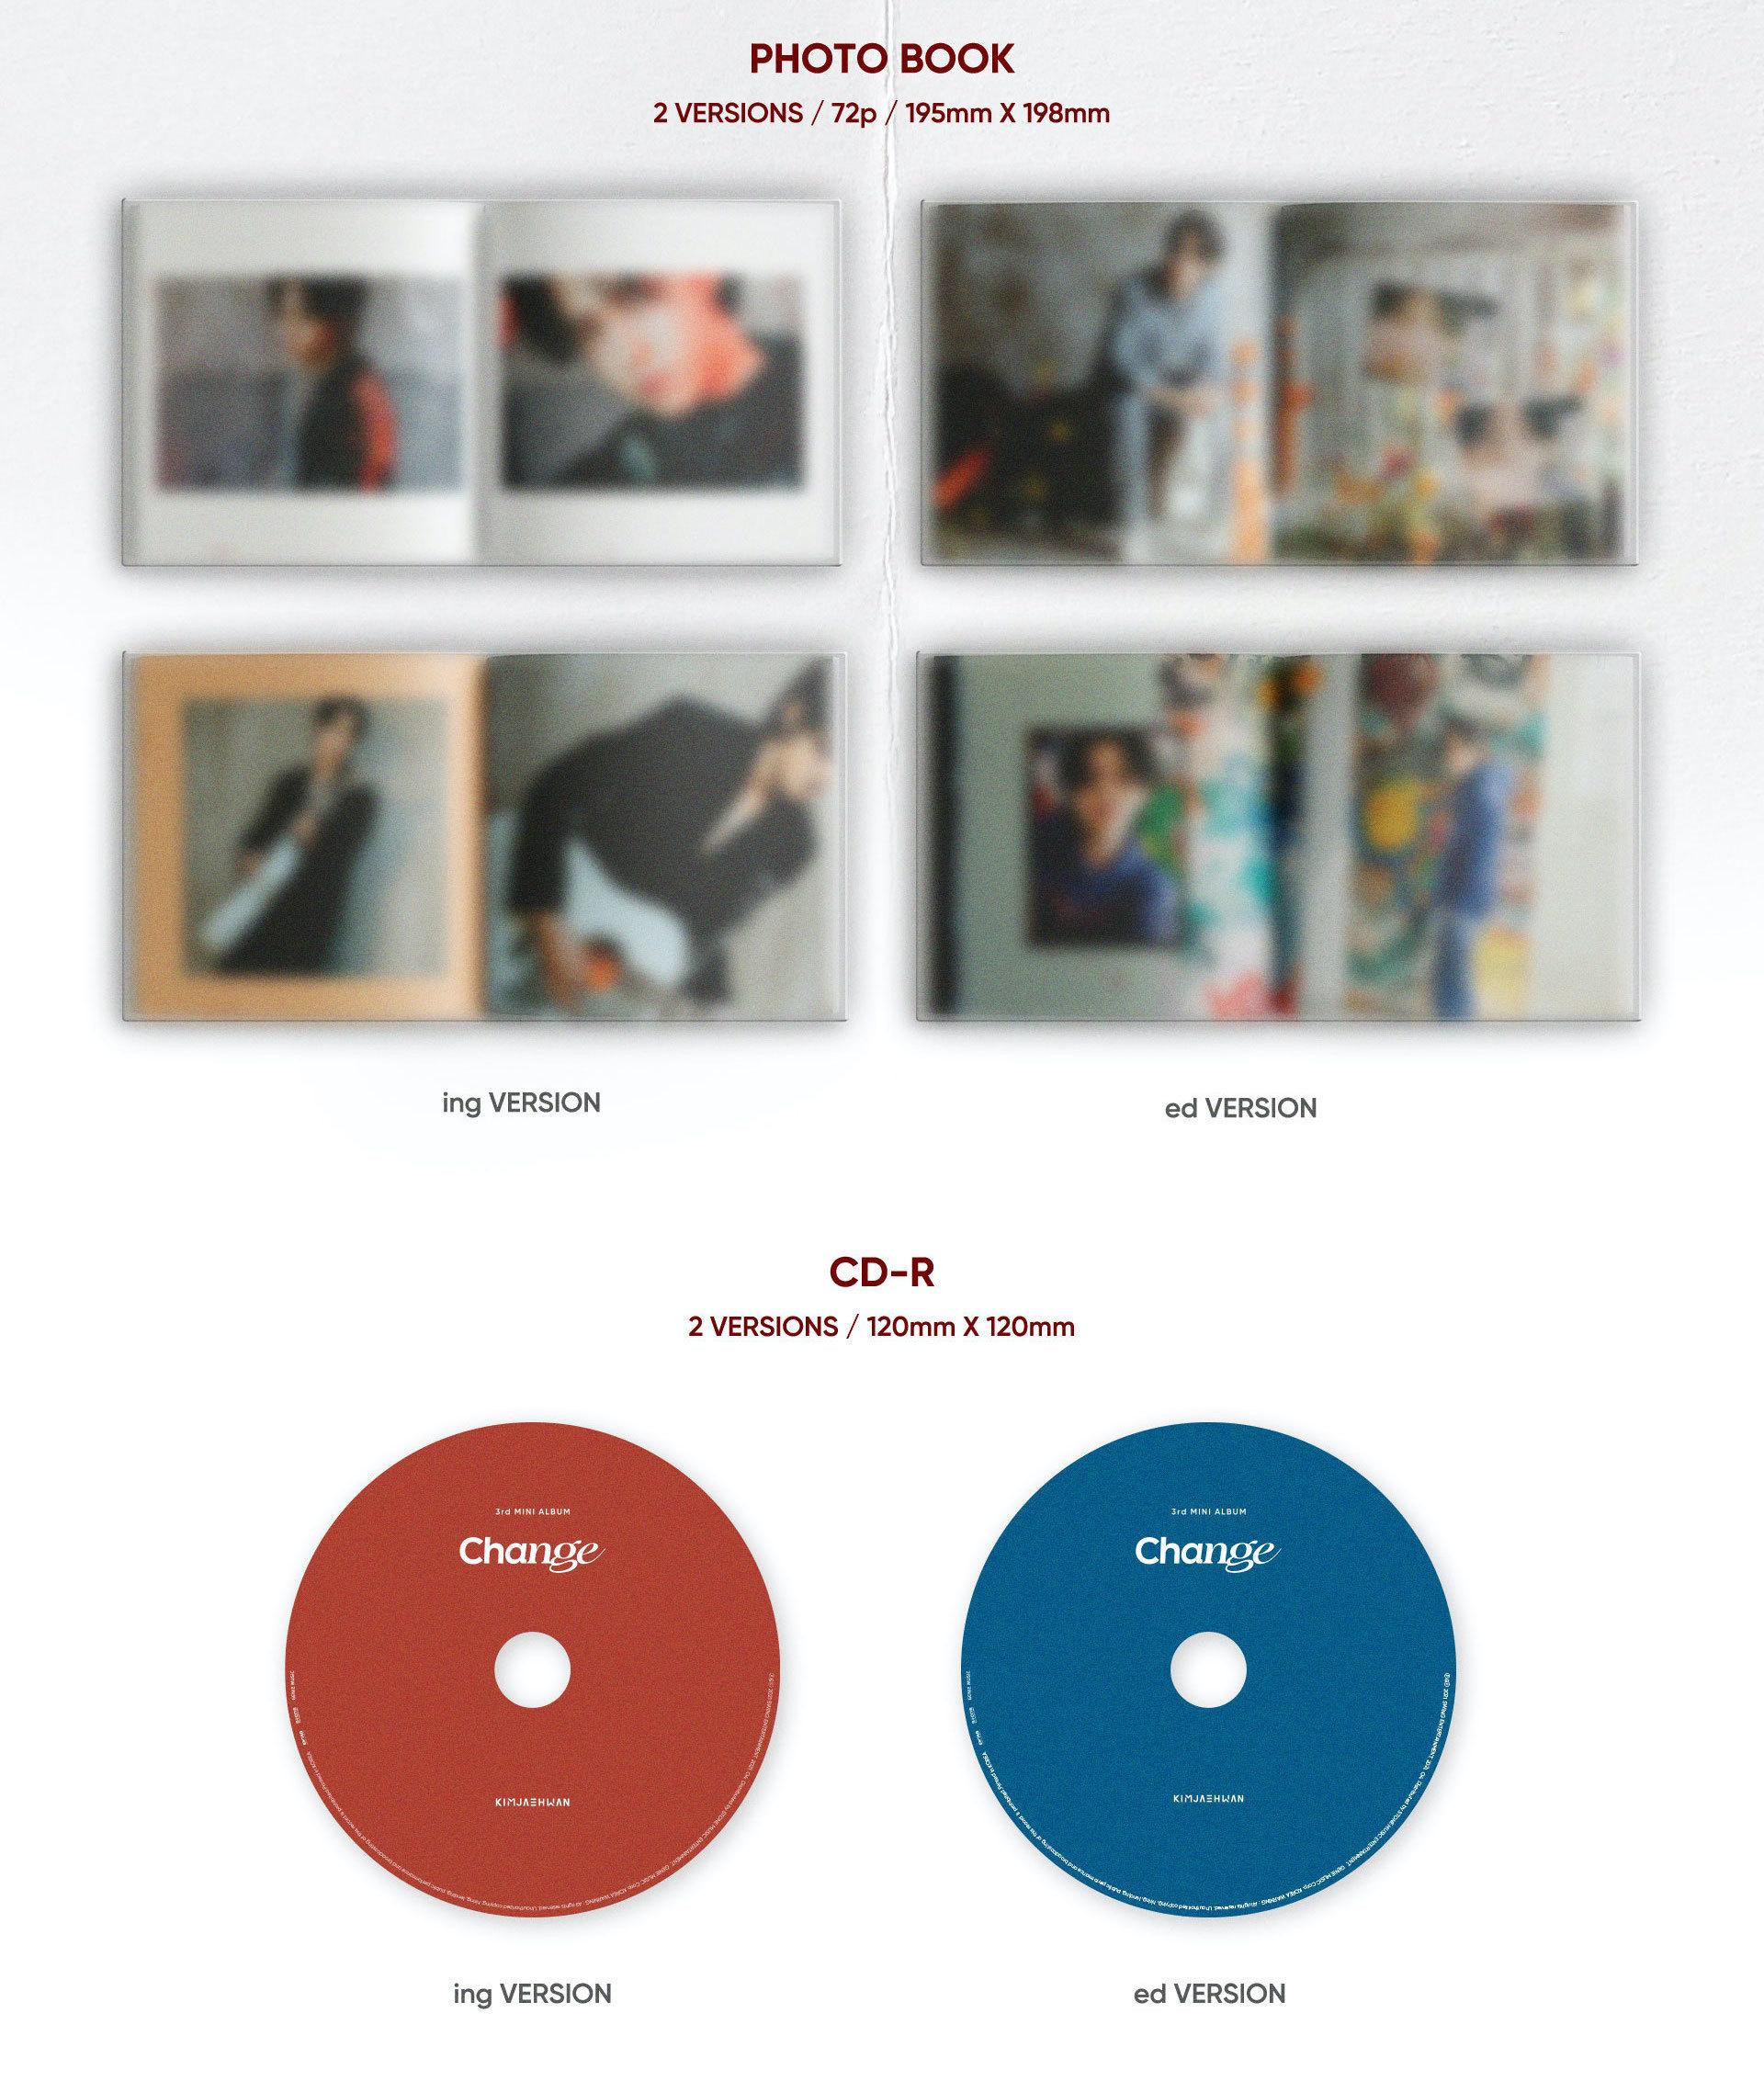 【オンライン特典会1部/1枚購入】キム・ジェファン3rd MINI ALBUM 'Change'